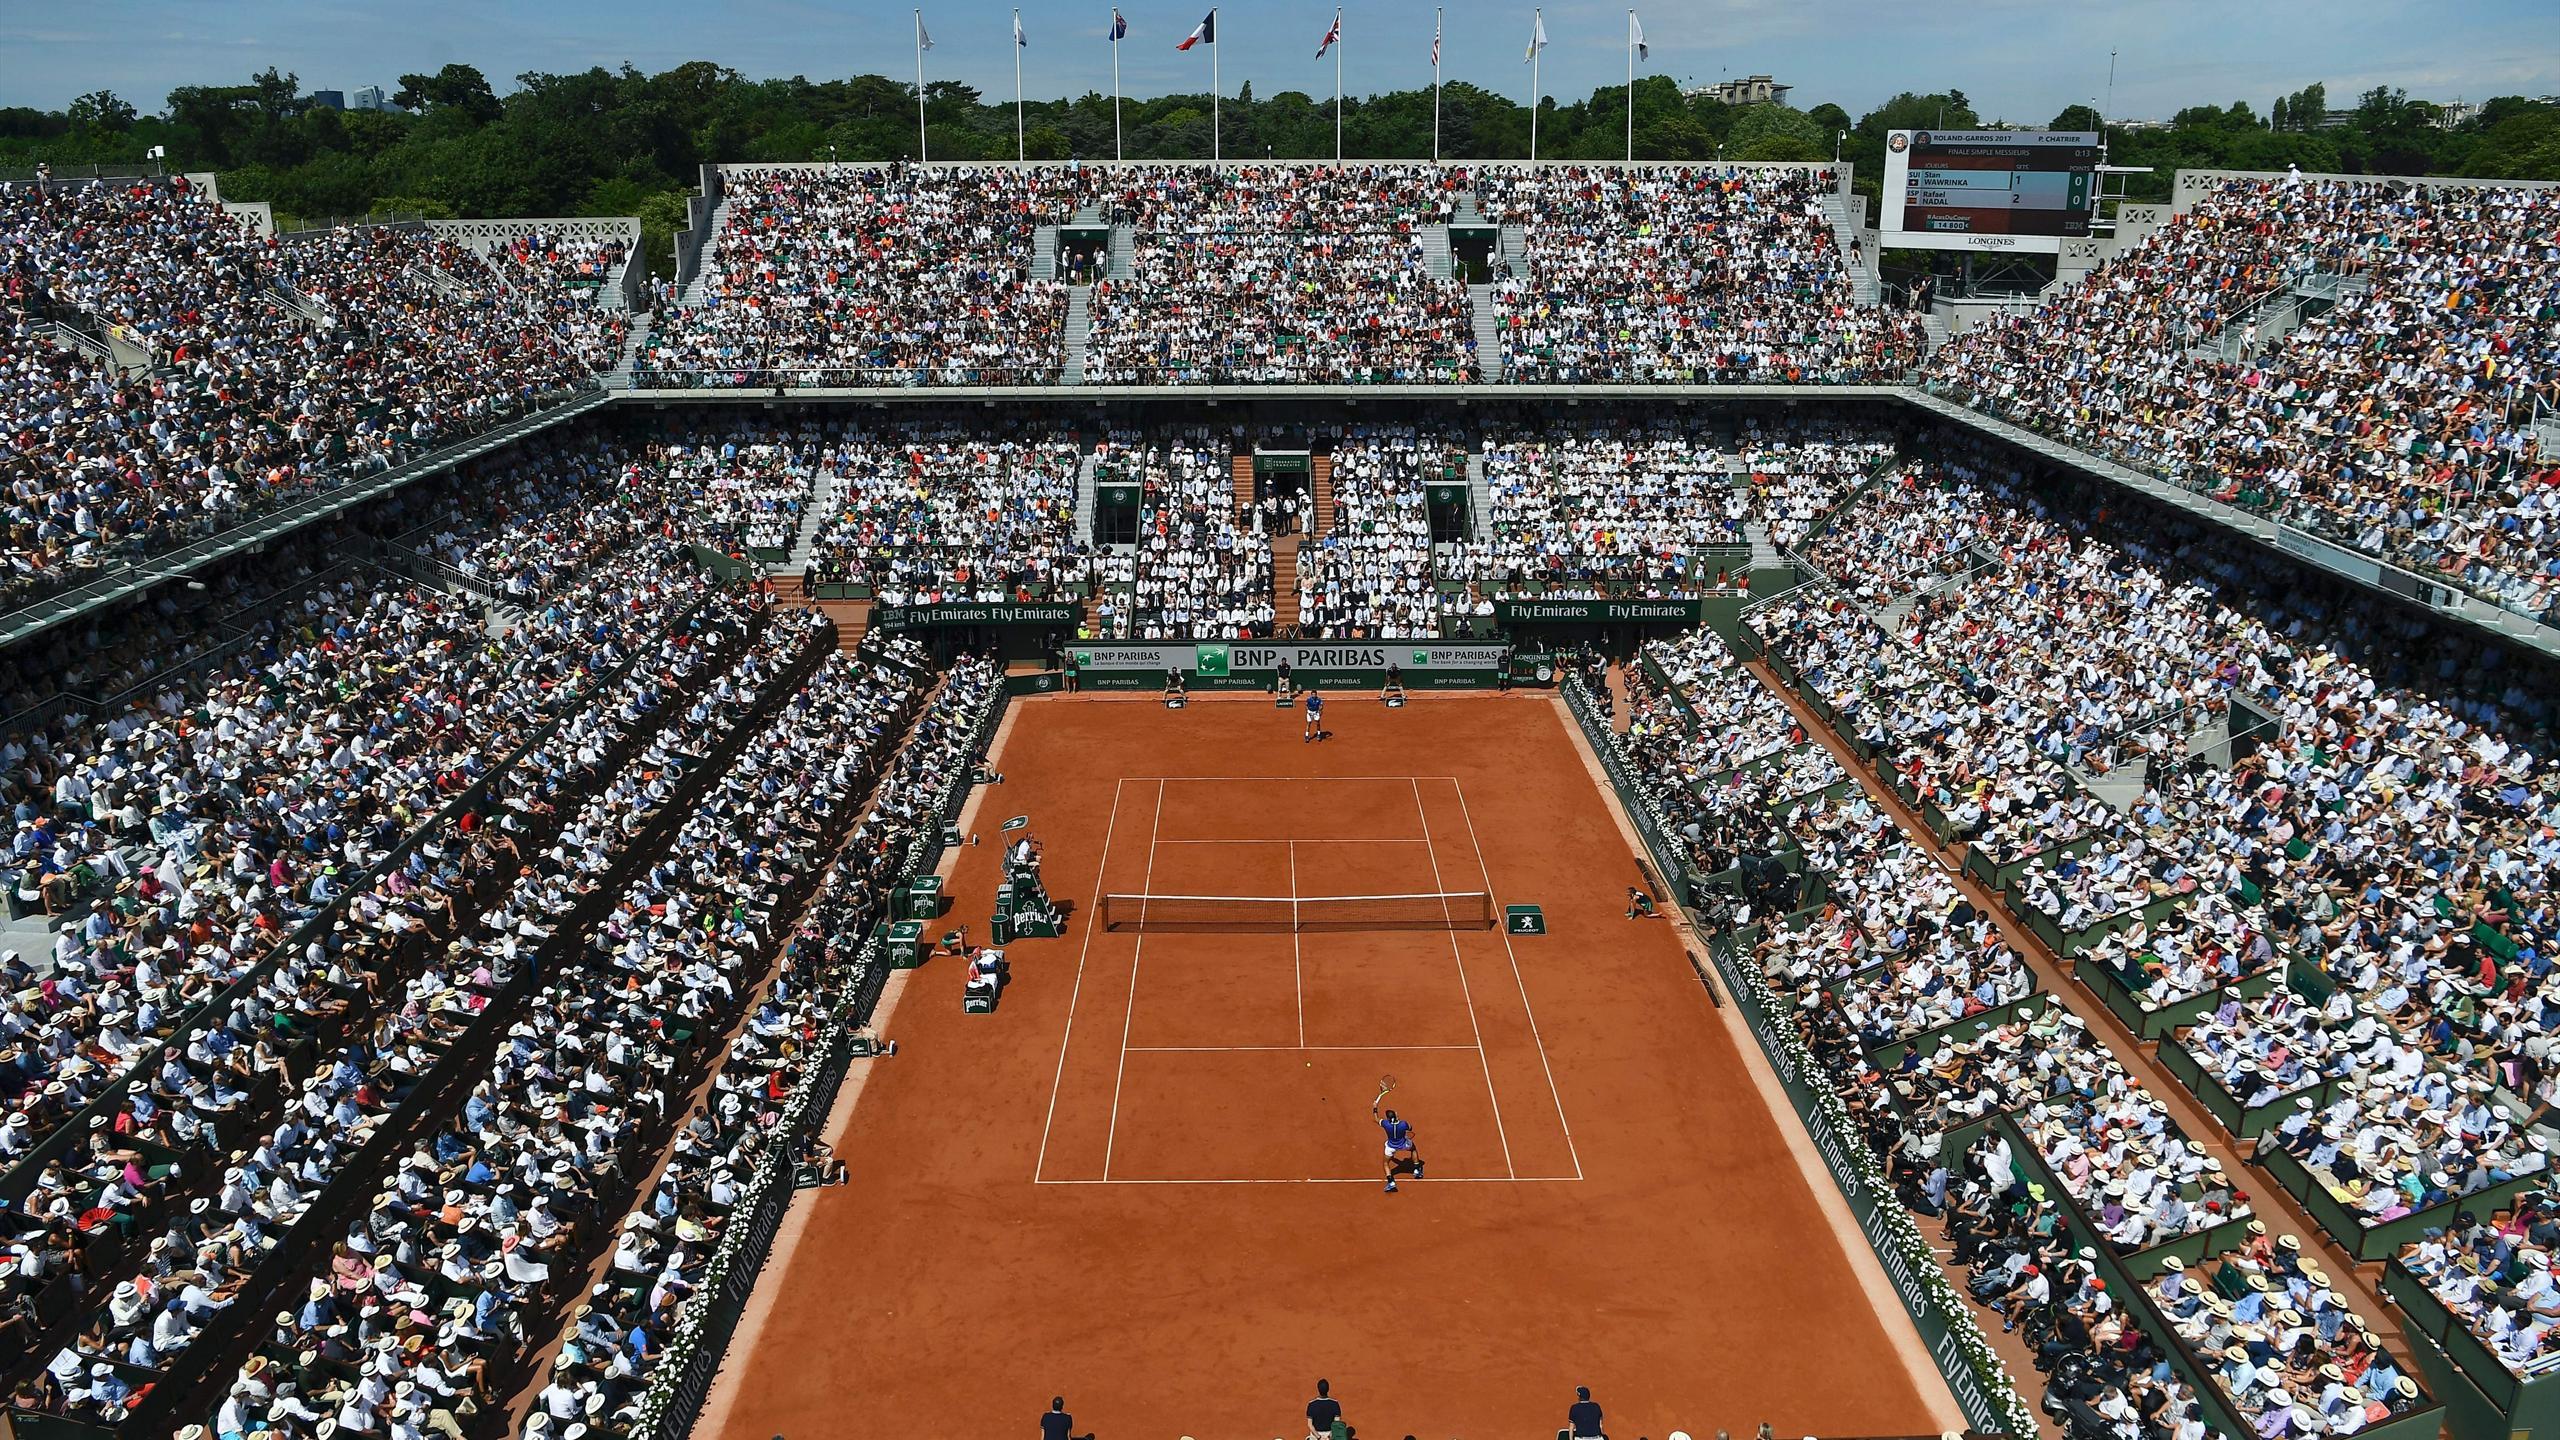 Magio Go ponúka na Eurosporte tohtoročný French Open v 4K kvalite